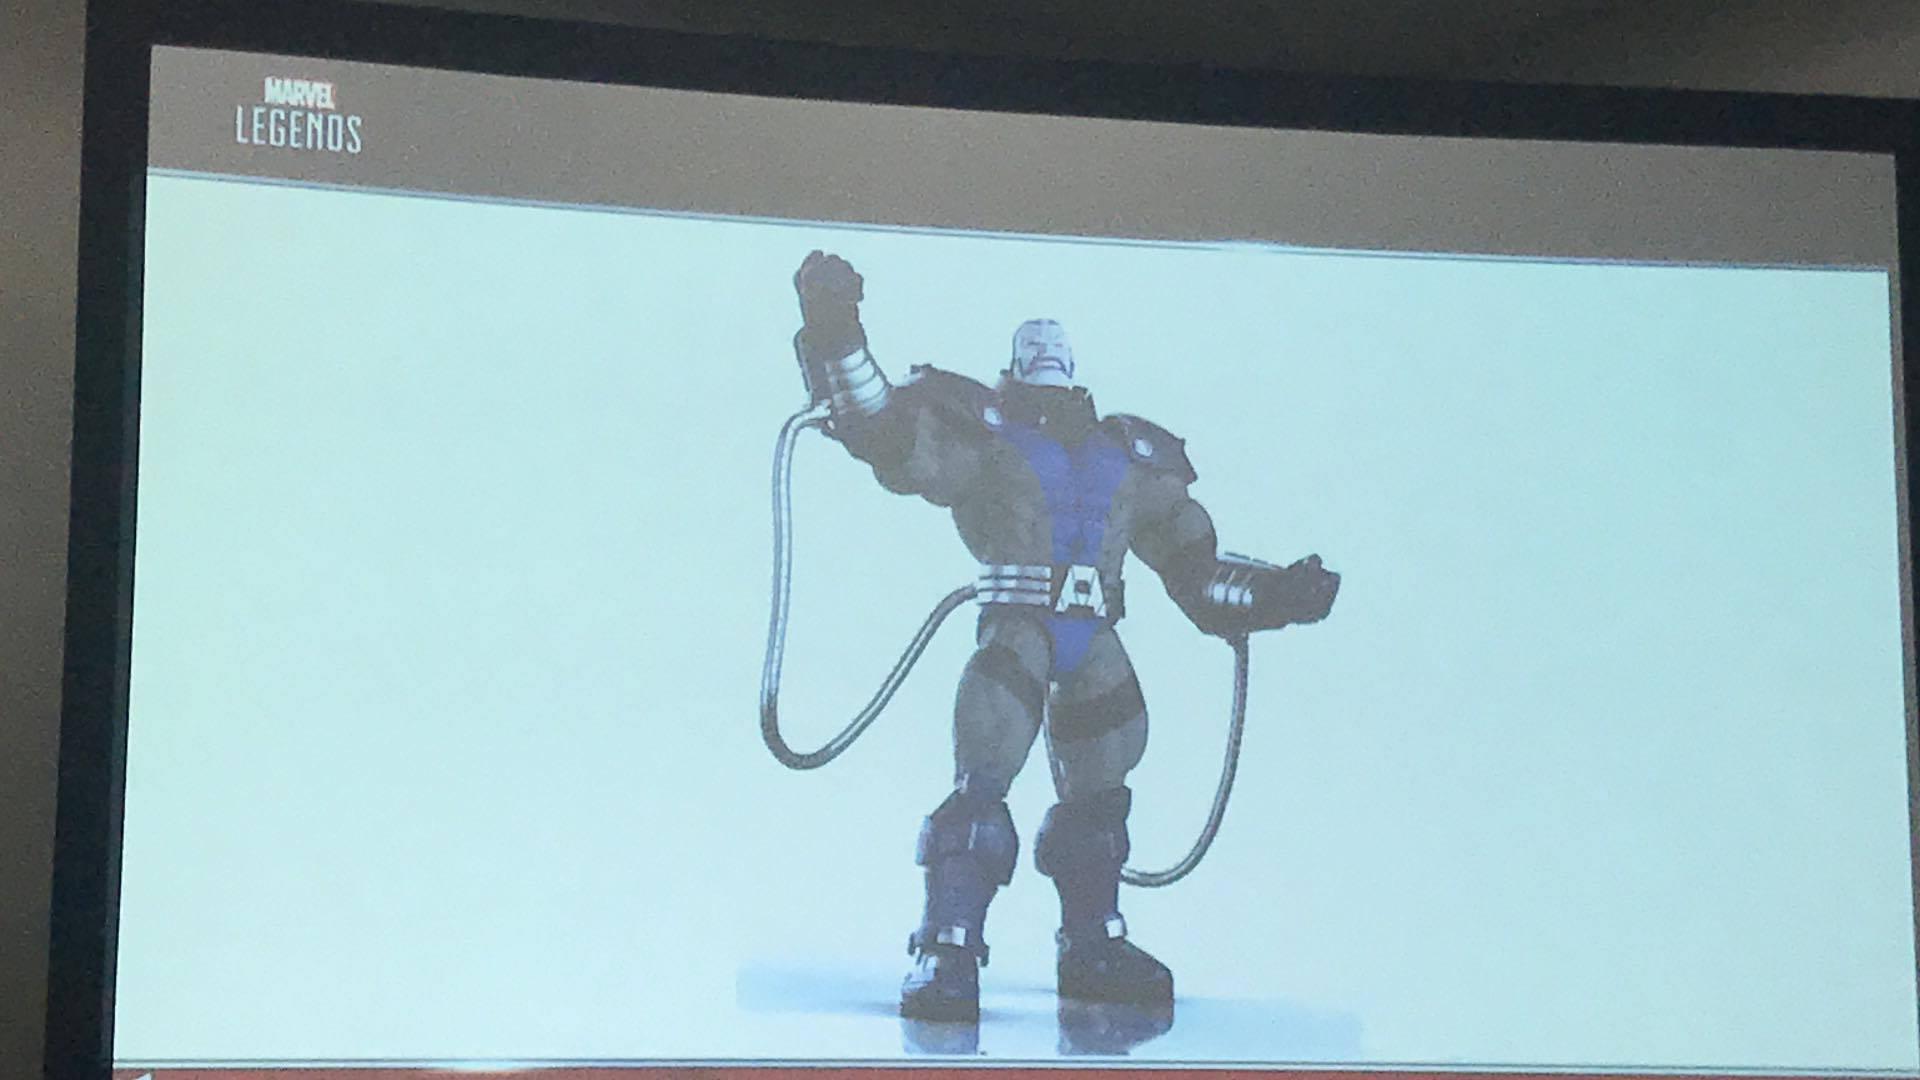 SDCC 2017: Hasbro Marvel Legends Panel Slides